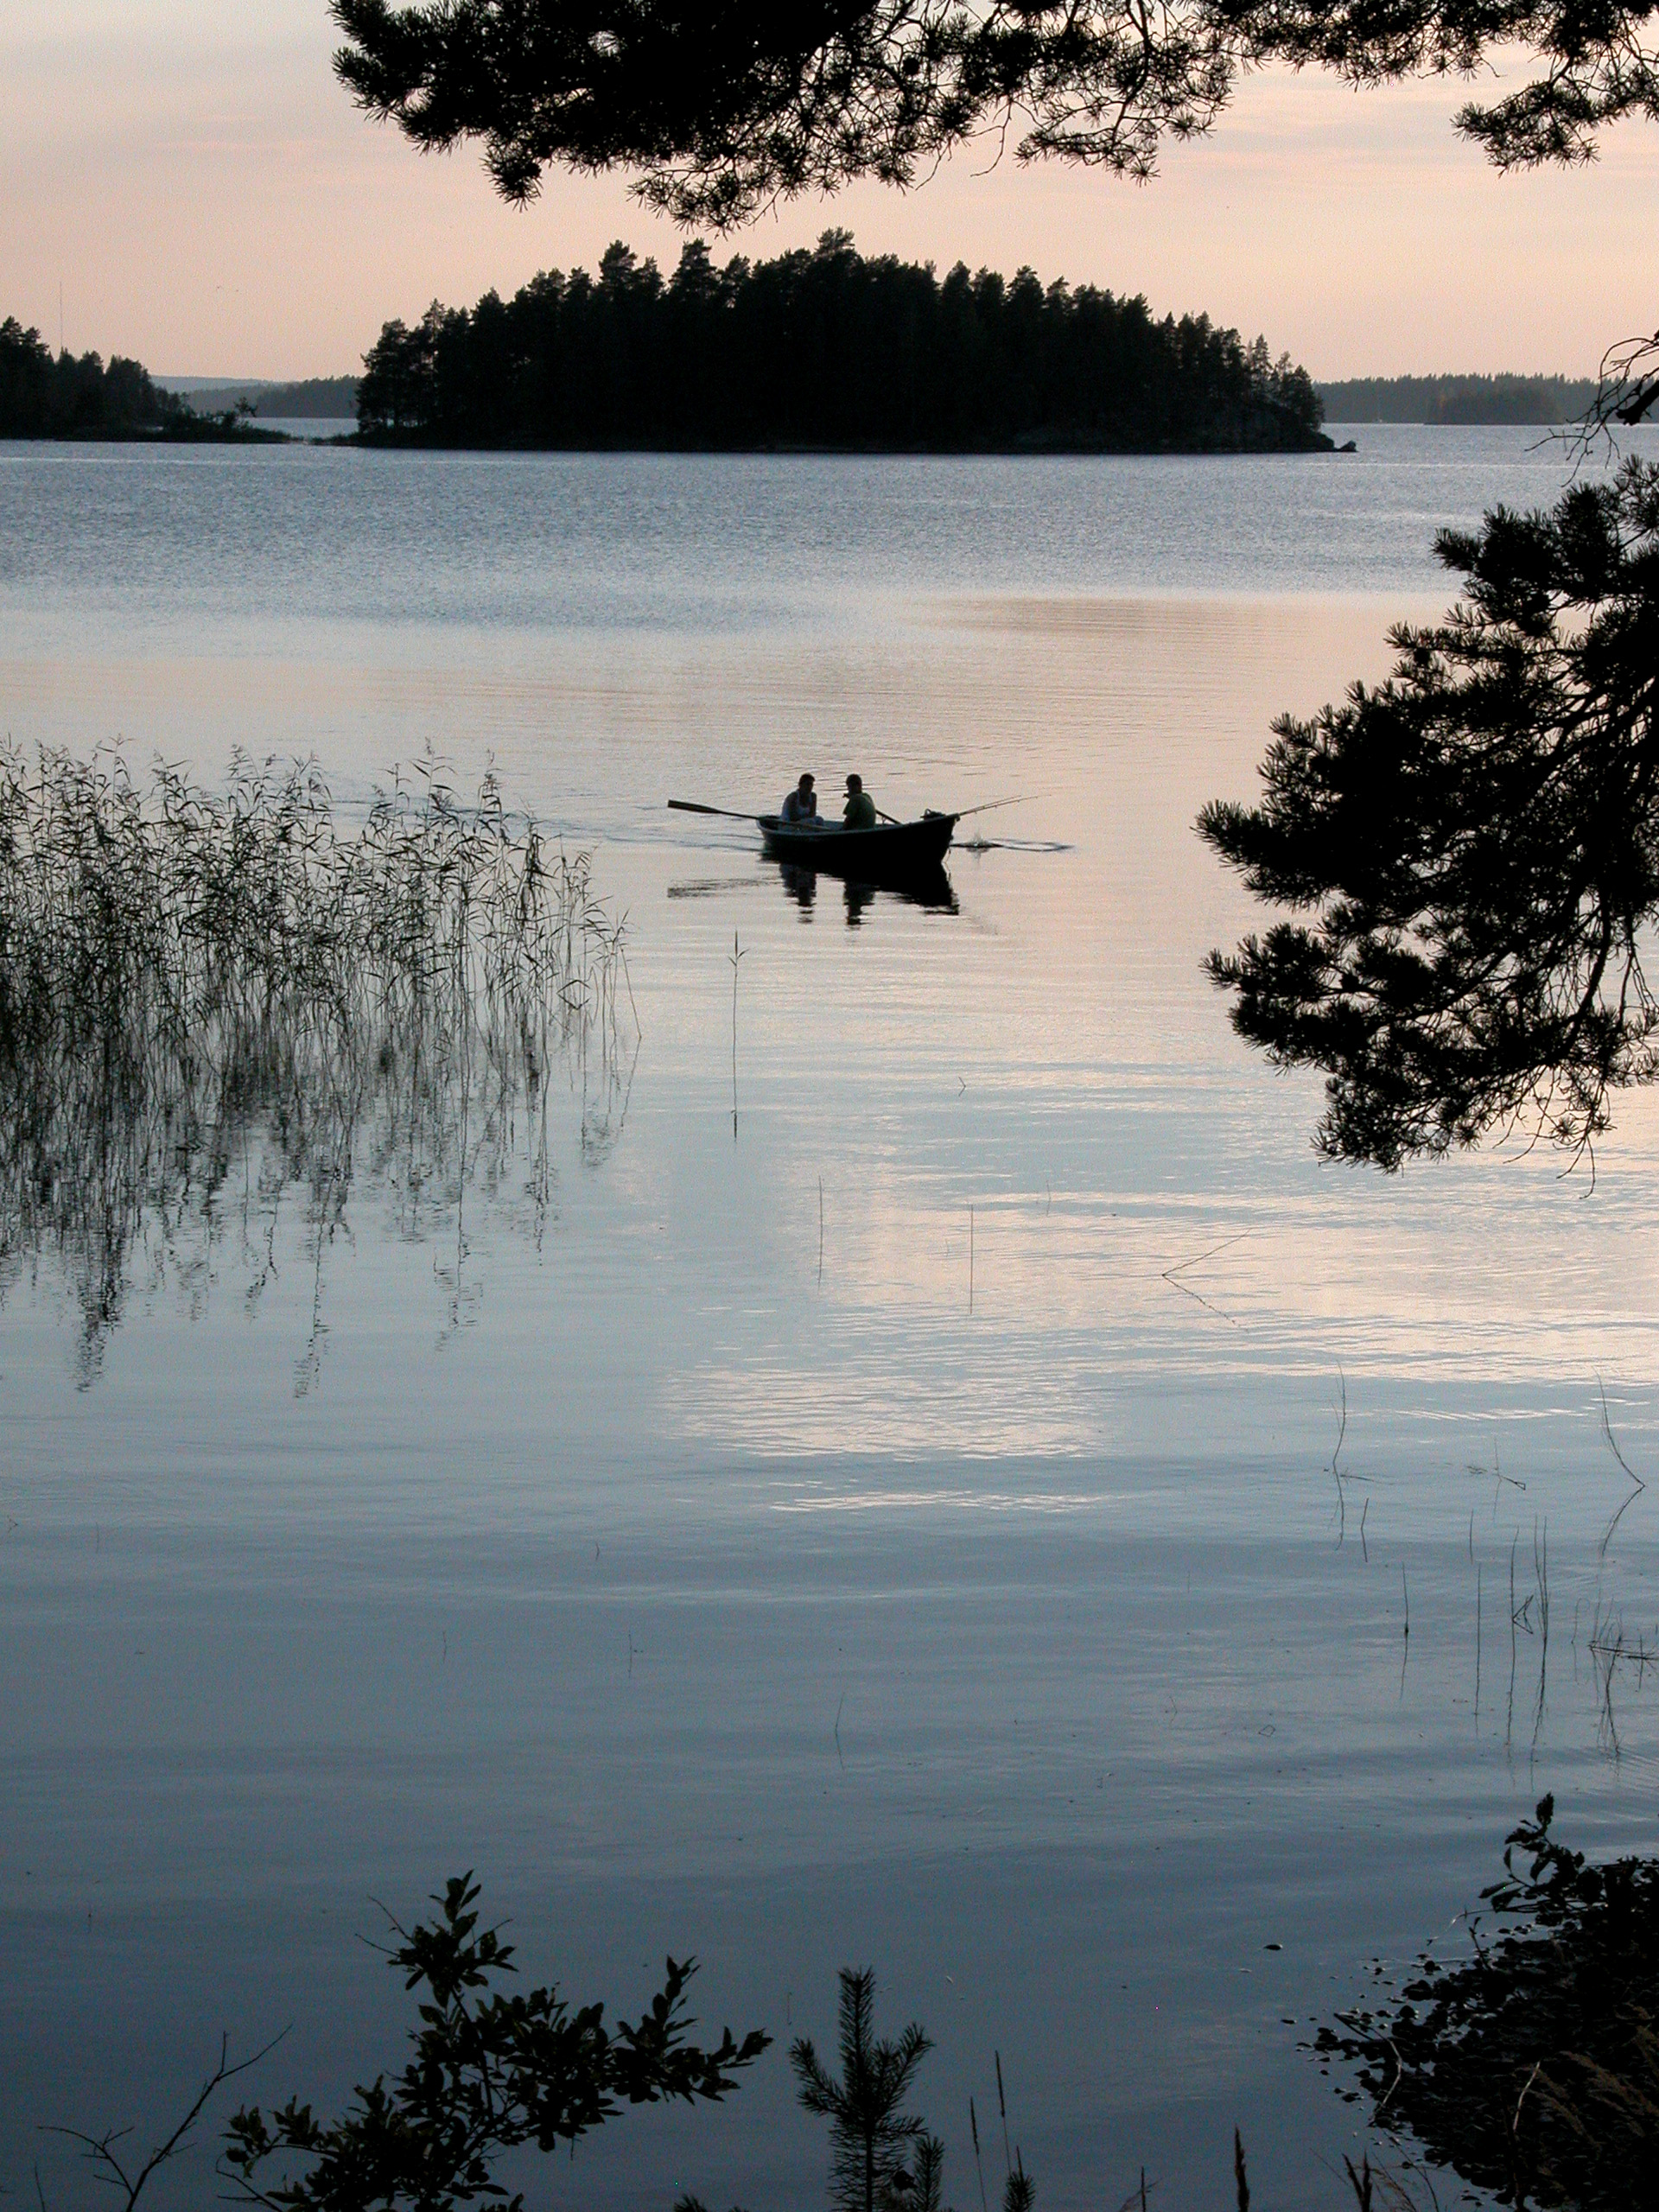 Берега озера очень изрезаны